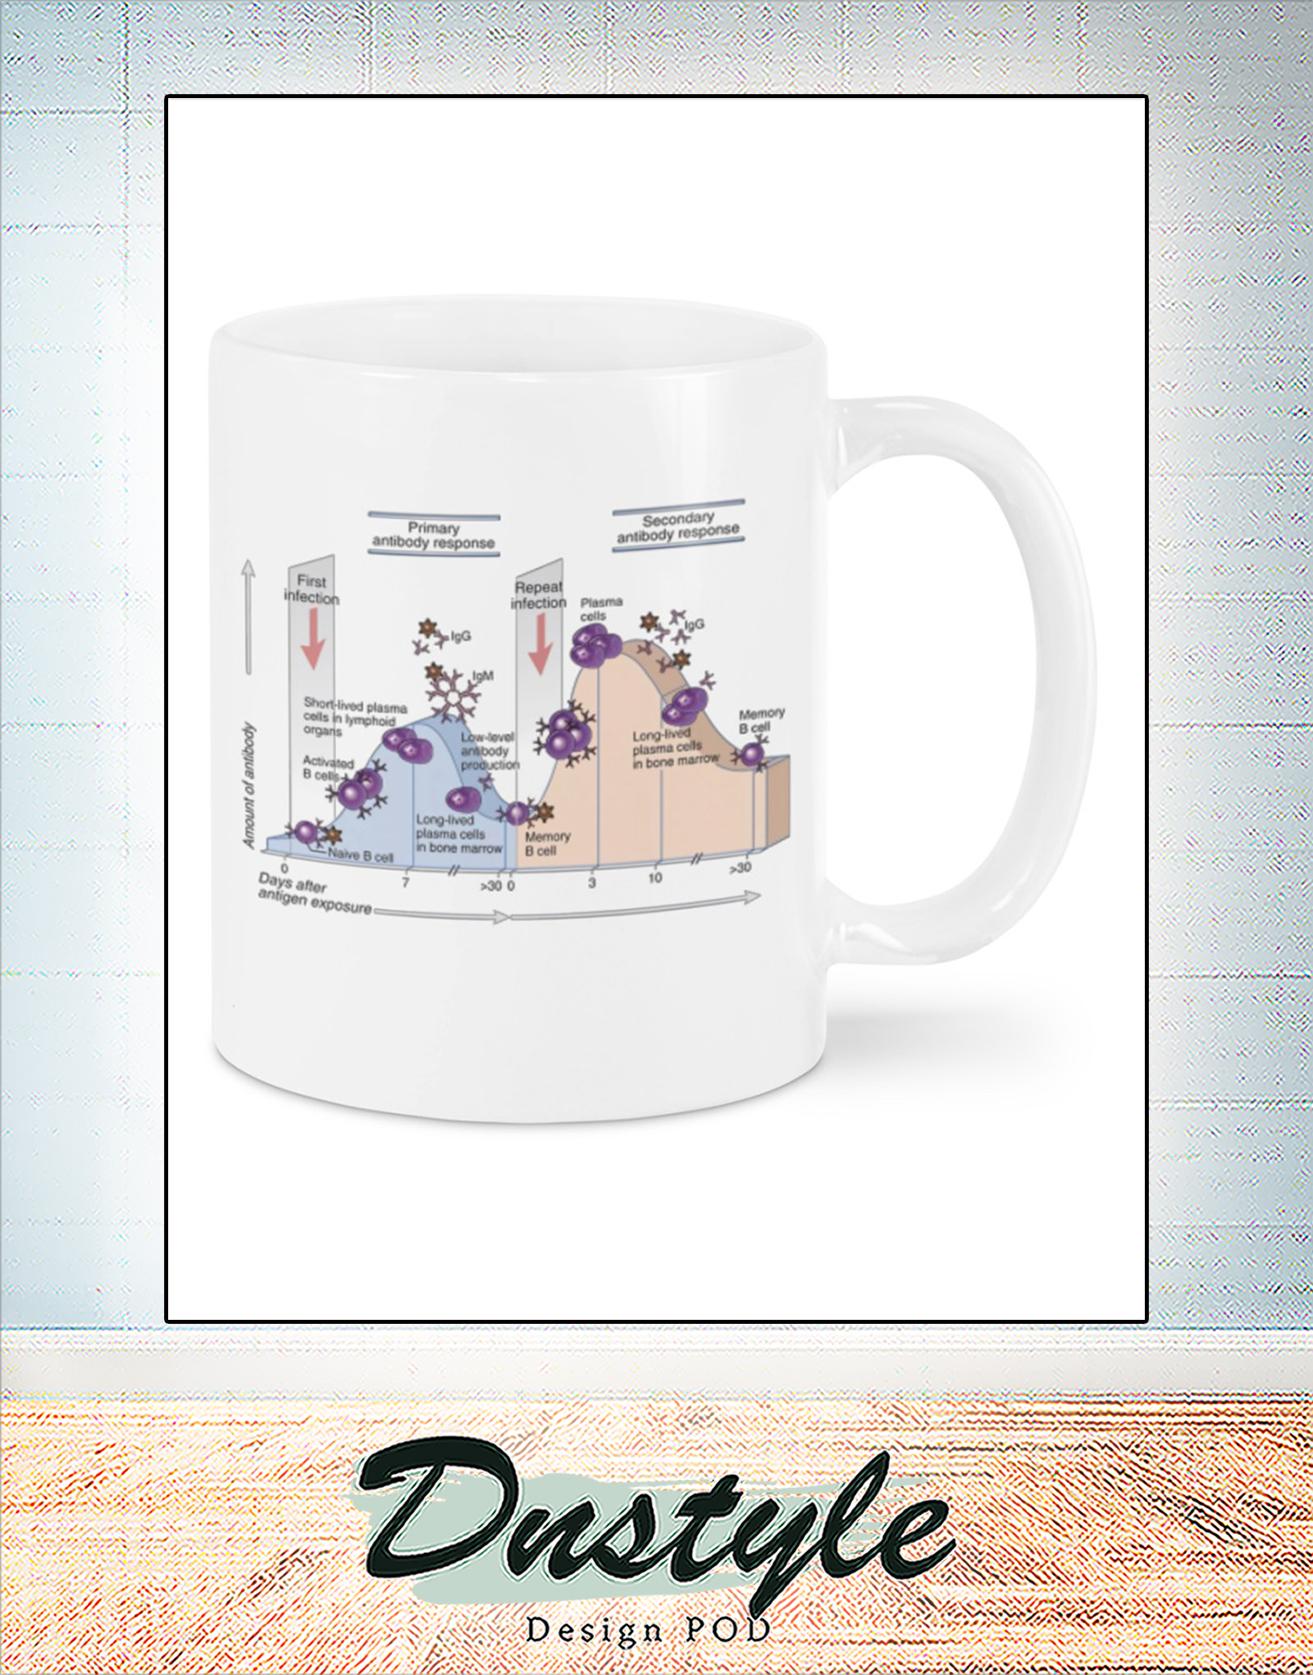 Microbiology anti response mug 1